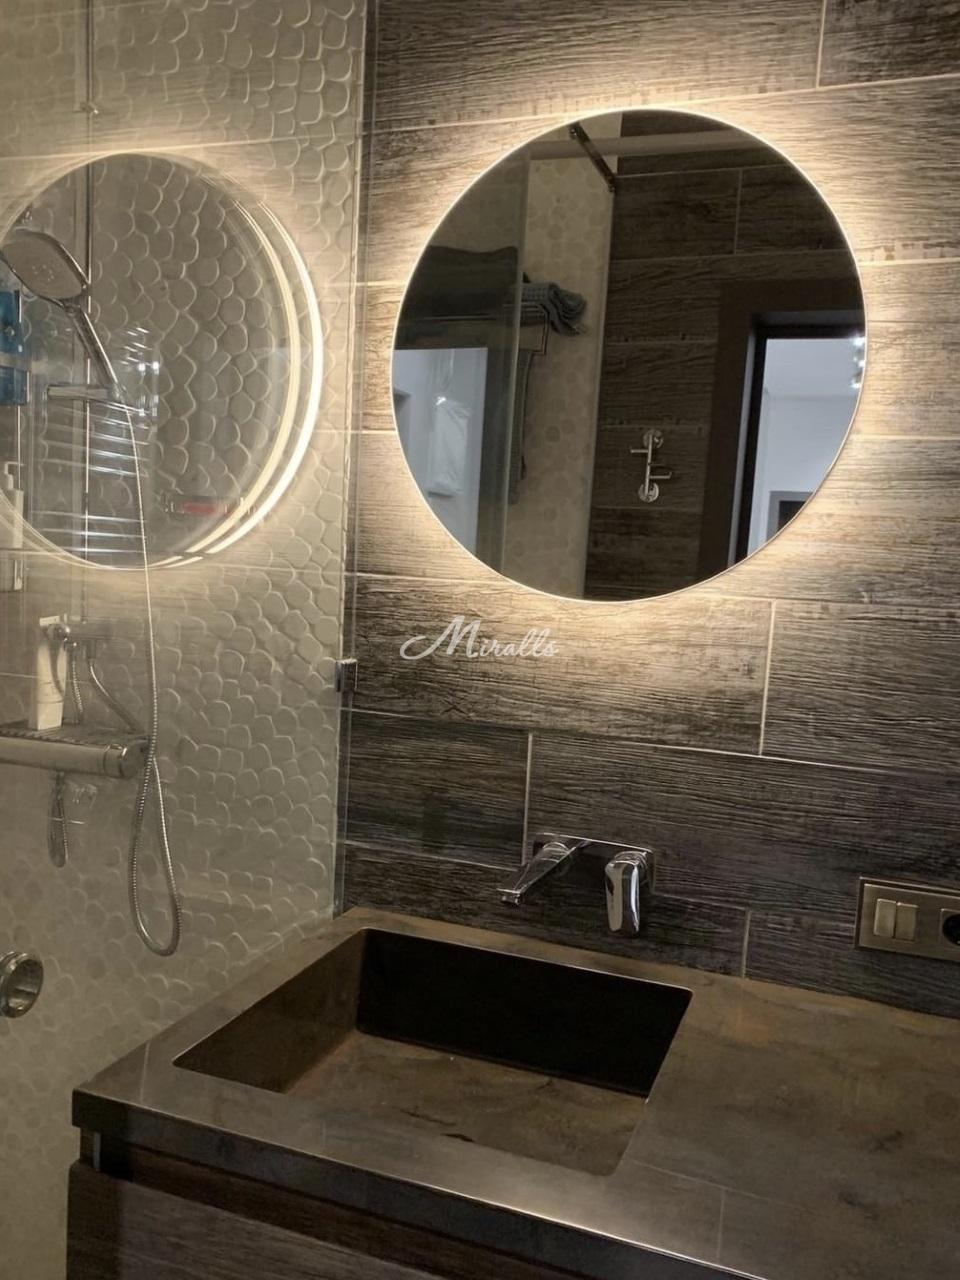 Зеркало Eclipse с теплой подсветкой в частной квартире (ЖК Триколор)